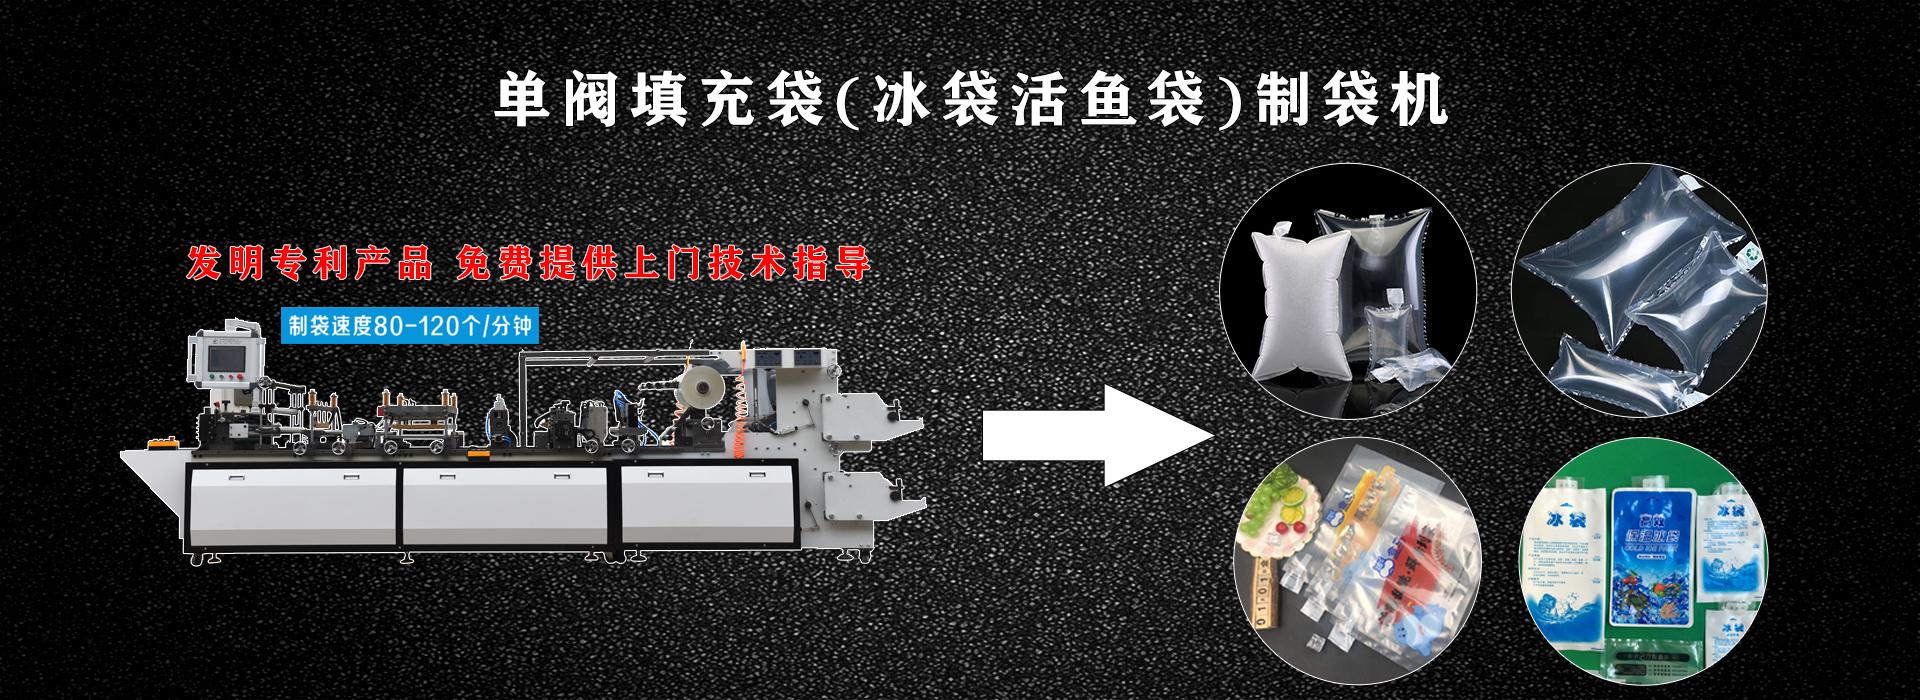 气柱袋生产设备